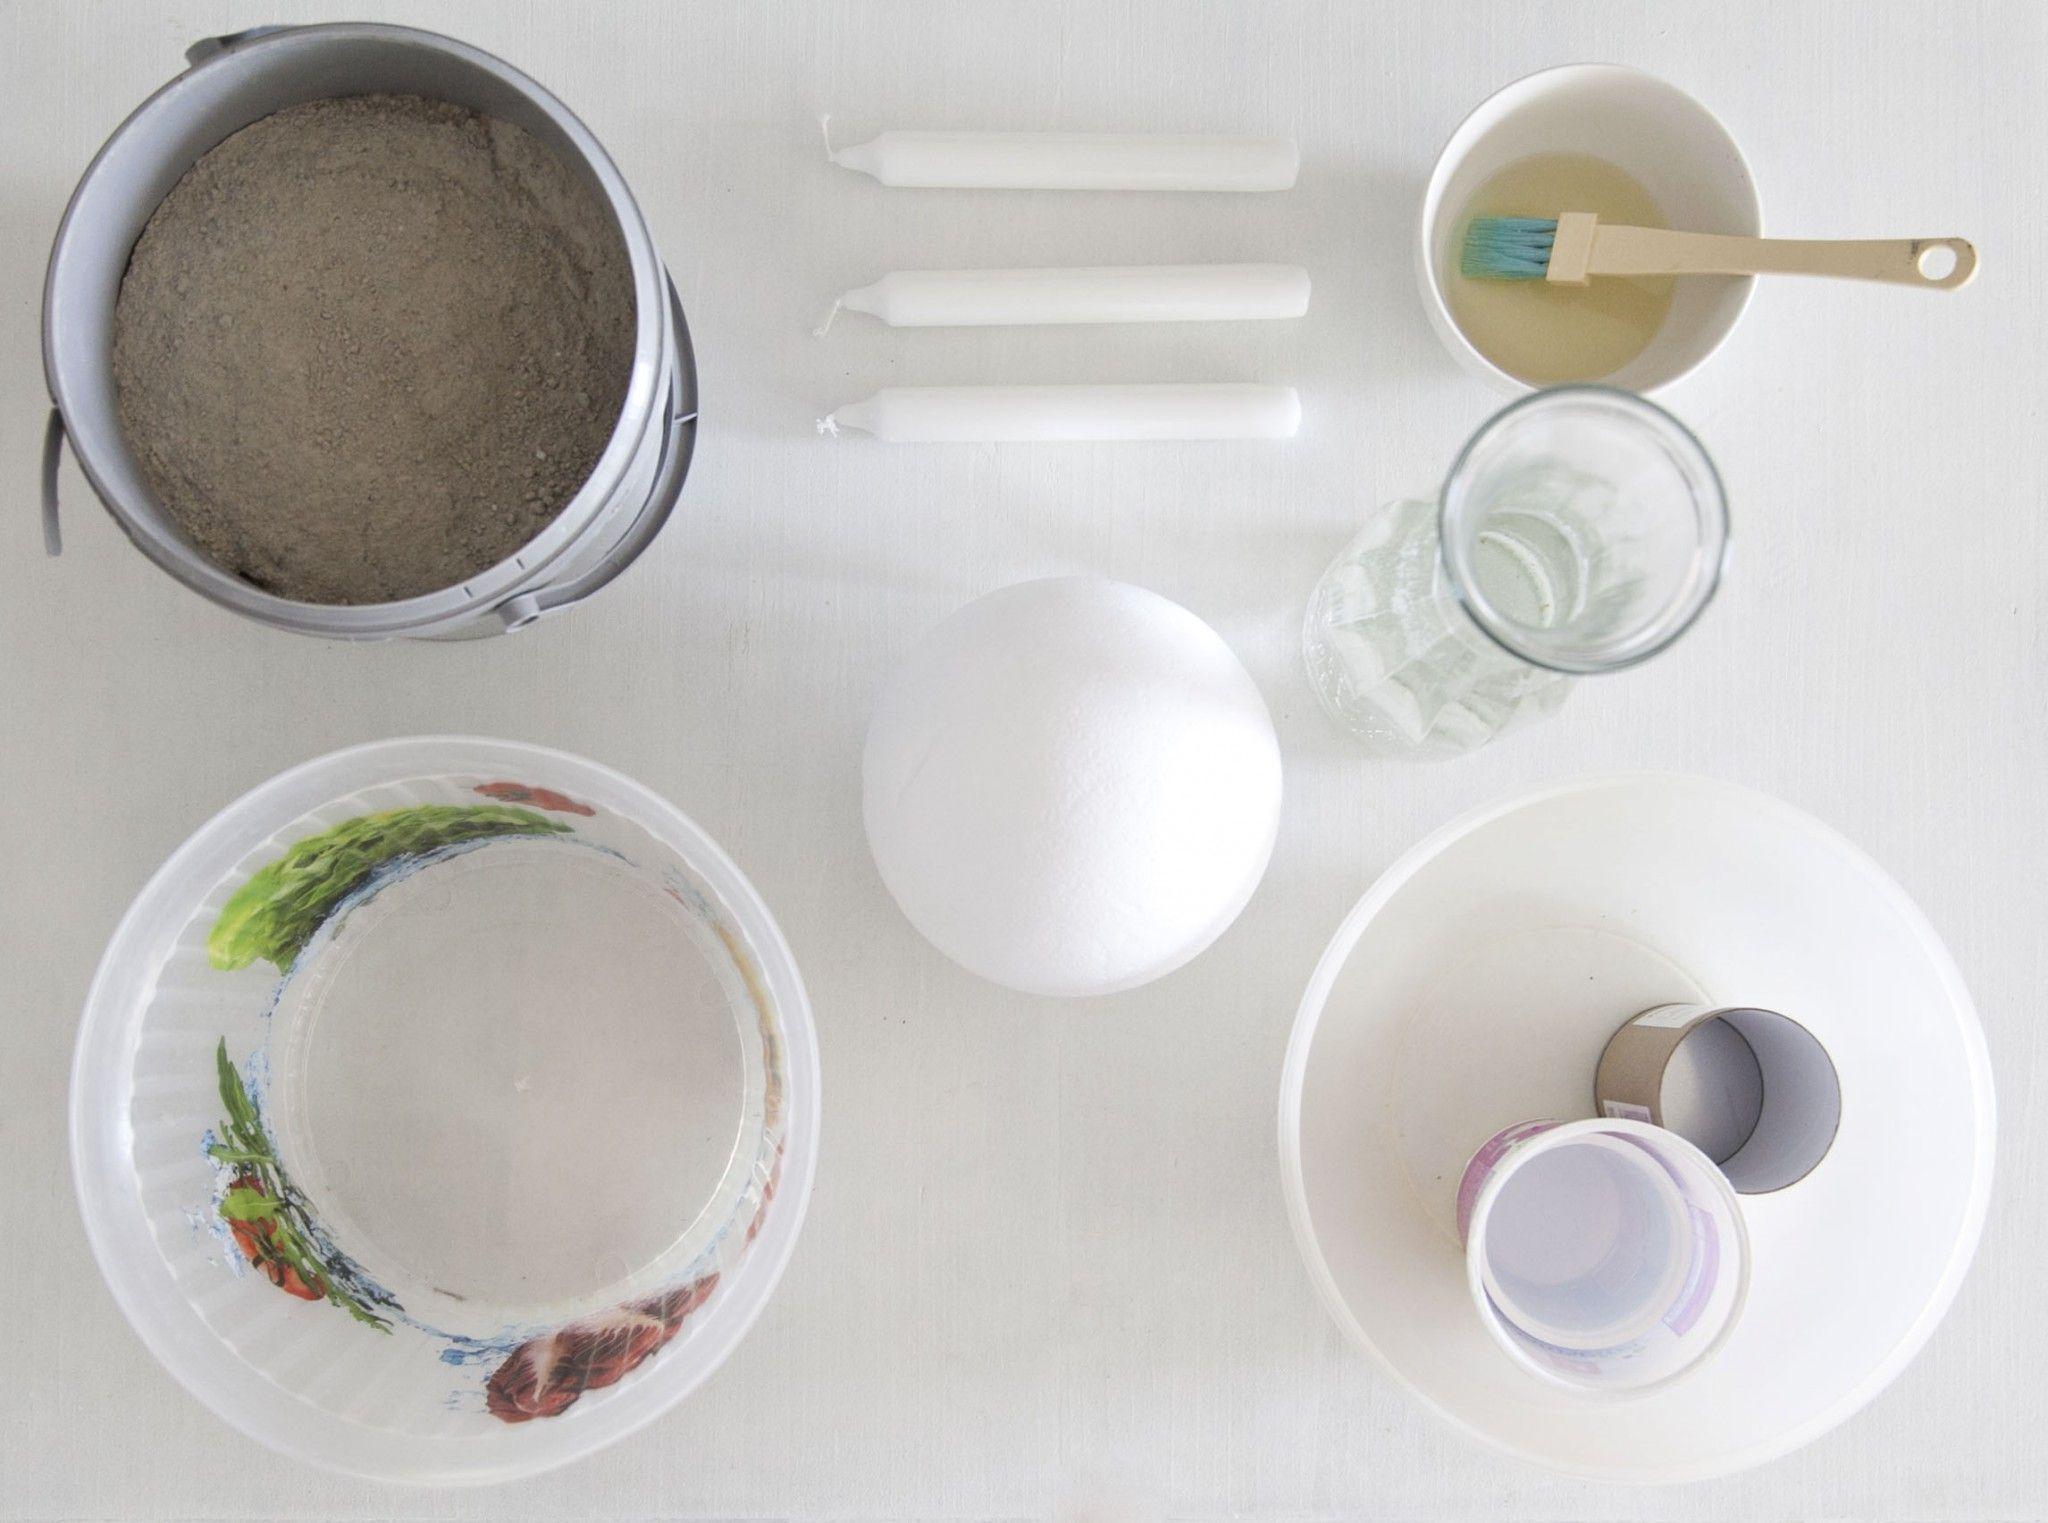 Basteln mit Beton: Das benötigst Du für eine Beton-Schale oder Kerzenständer.